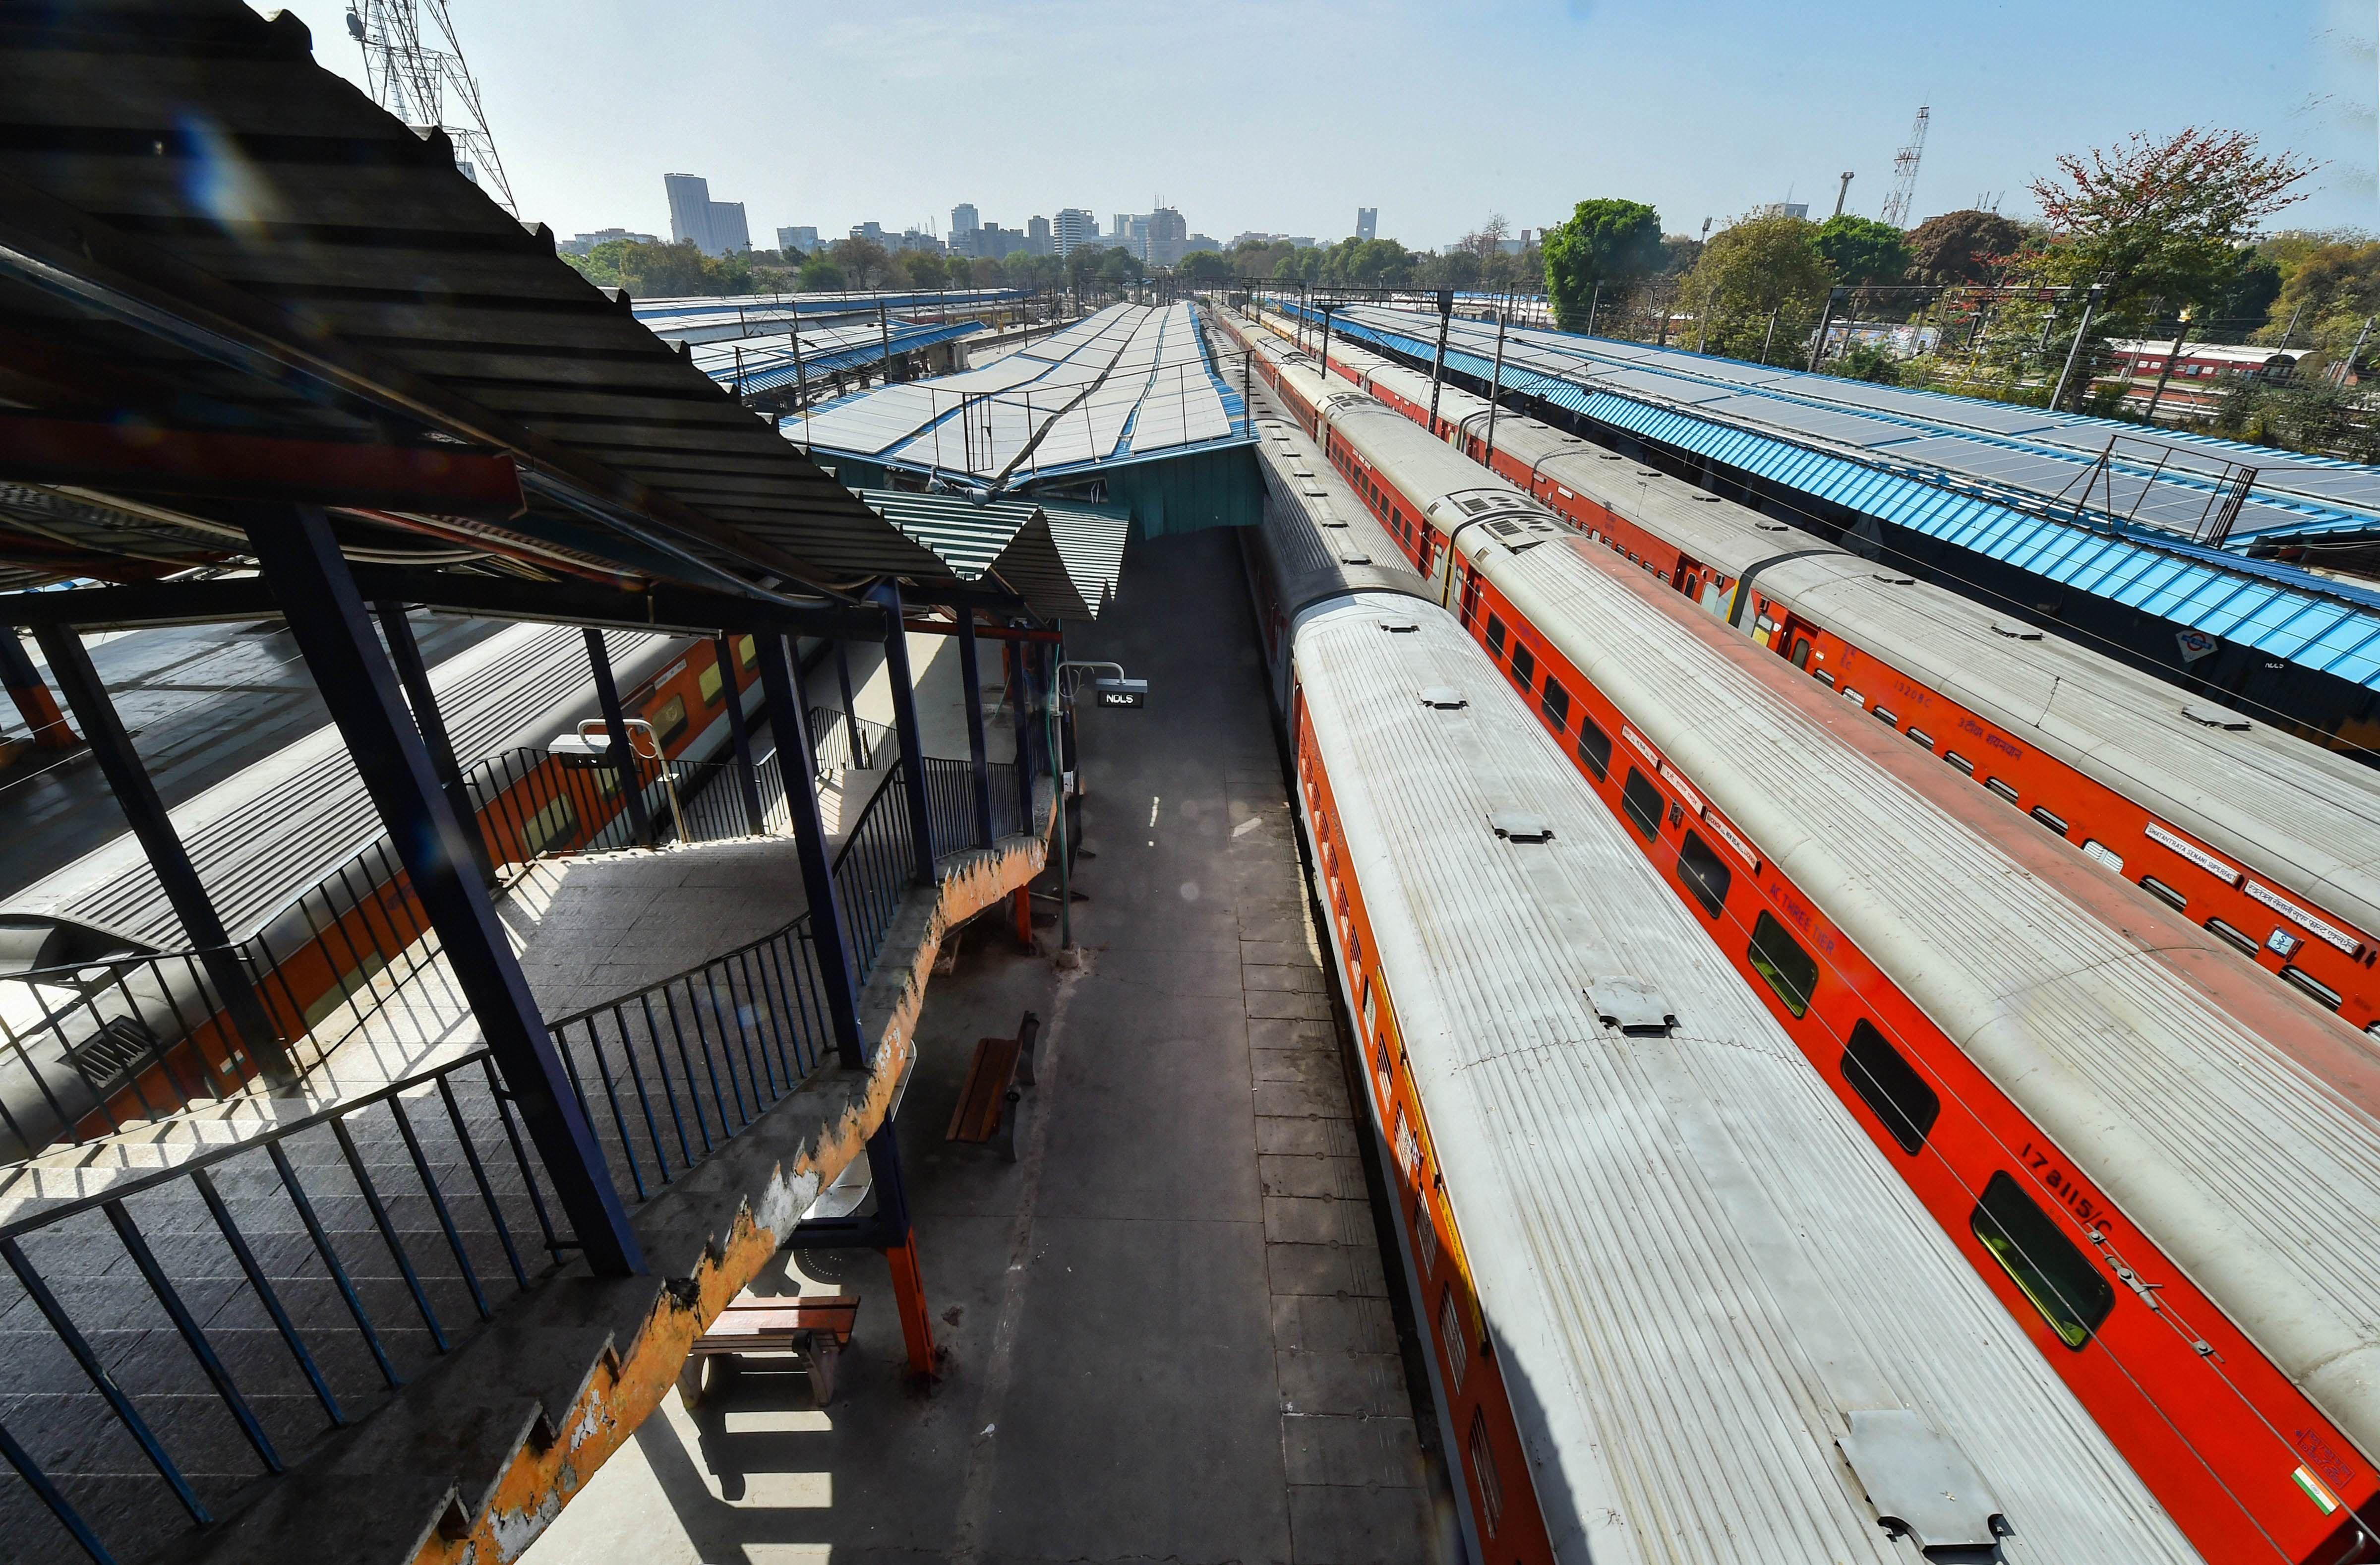 আগামী ১২ মে থেকে যাত্রীবাহী ট্রেন পরিষেবা চালু করবে ভারতীয় রেল। প্রাথমিকভাবে অবশ্য ১৫ জোড়া ট্রেন চলবে। (ছবিটি প্রতীকী, সৌজন্য পিটিআই)